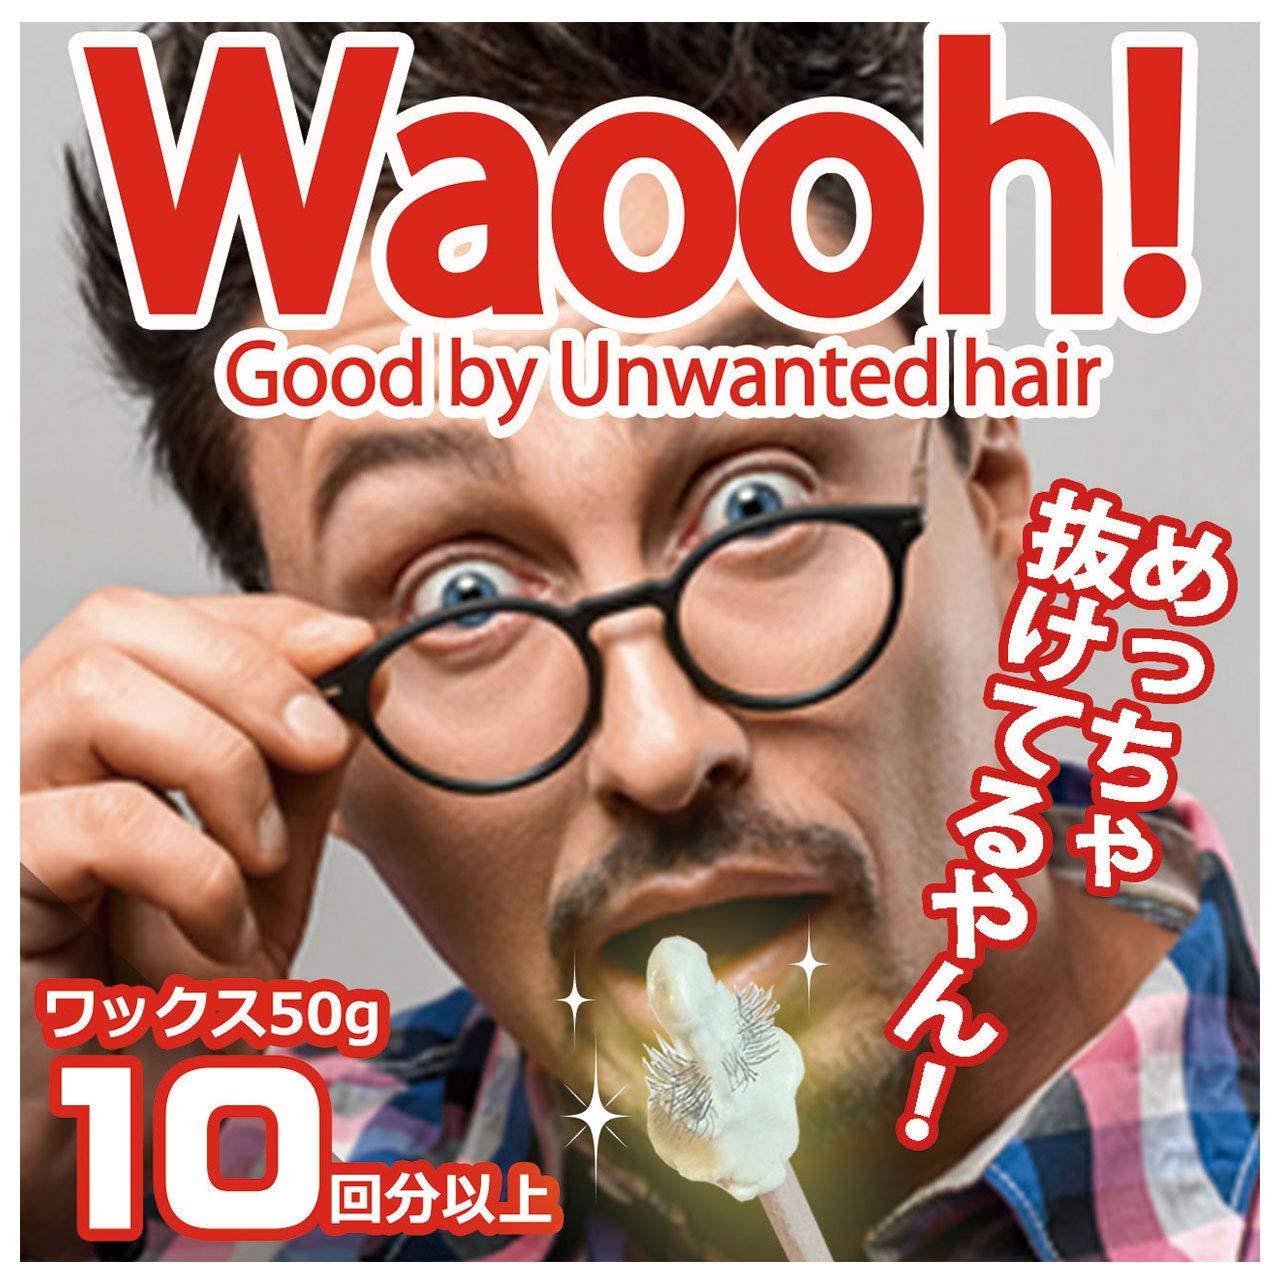 鼻毛 脱毛 ノーズワックス 鼻 ブラジリアン ワックス キット 男女兼用 (50g 10回分)